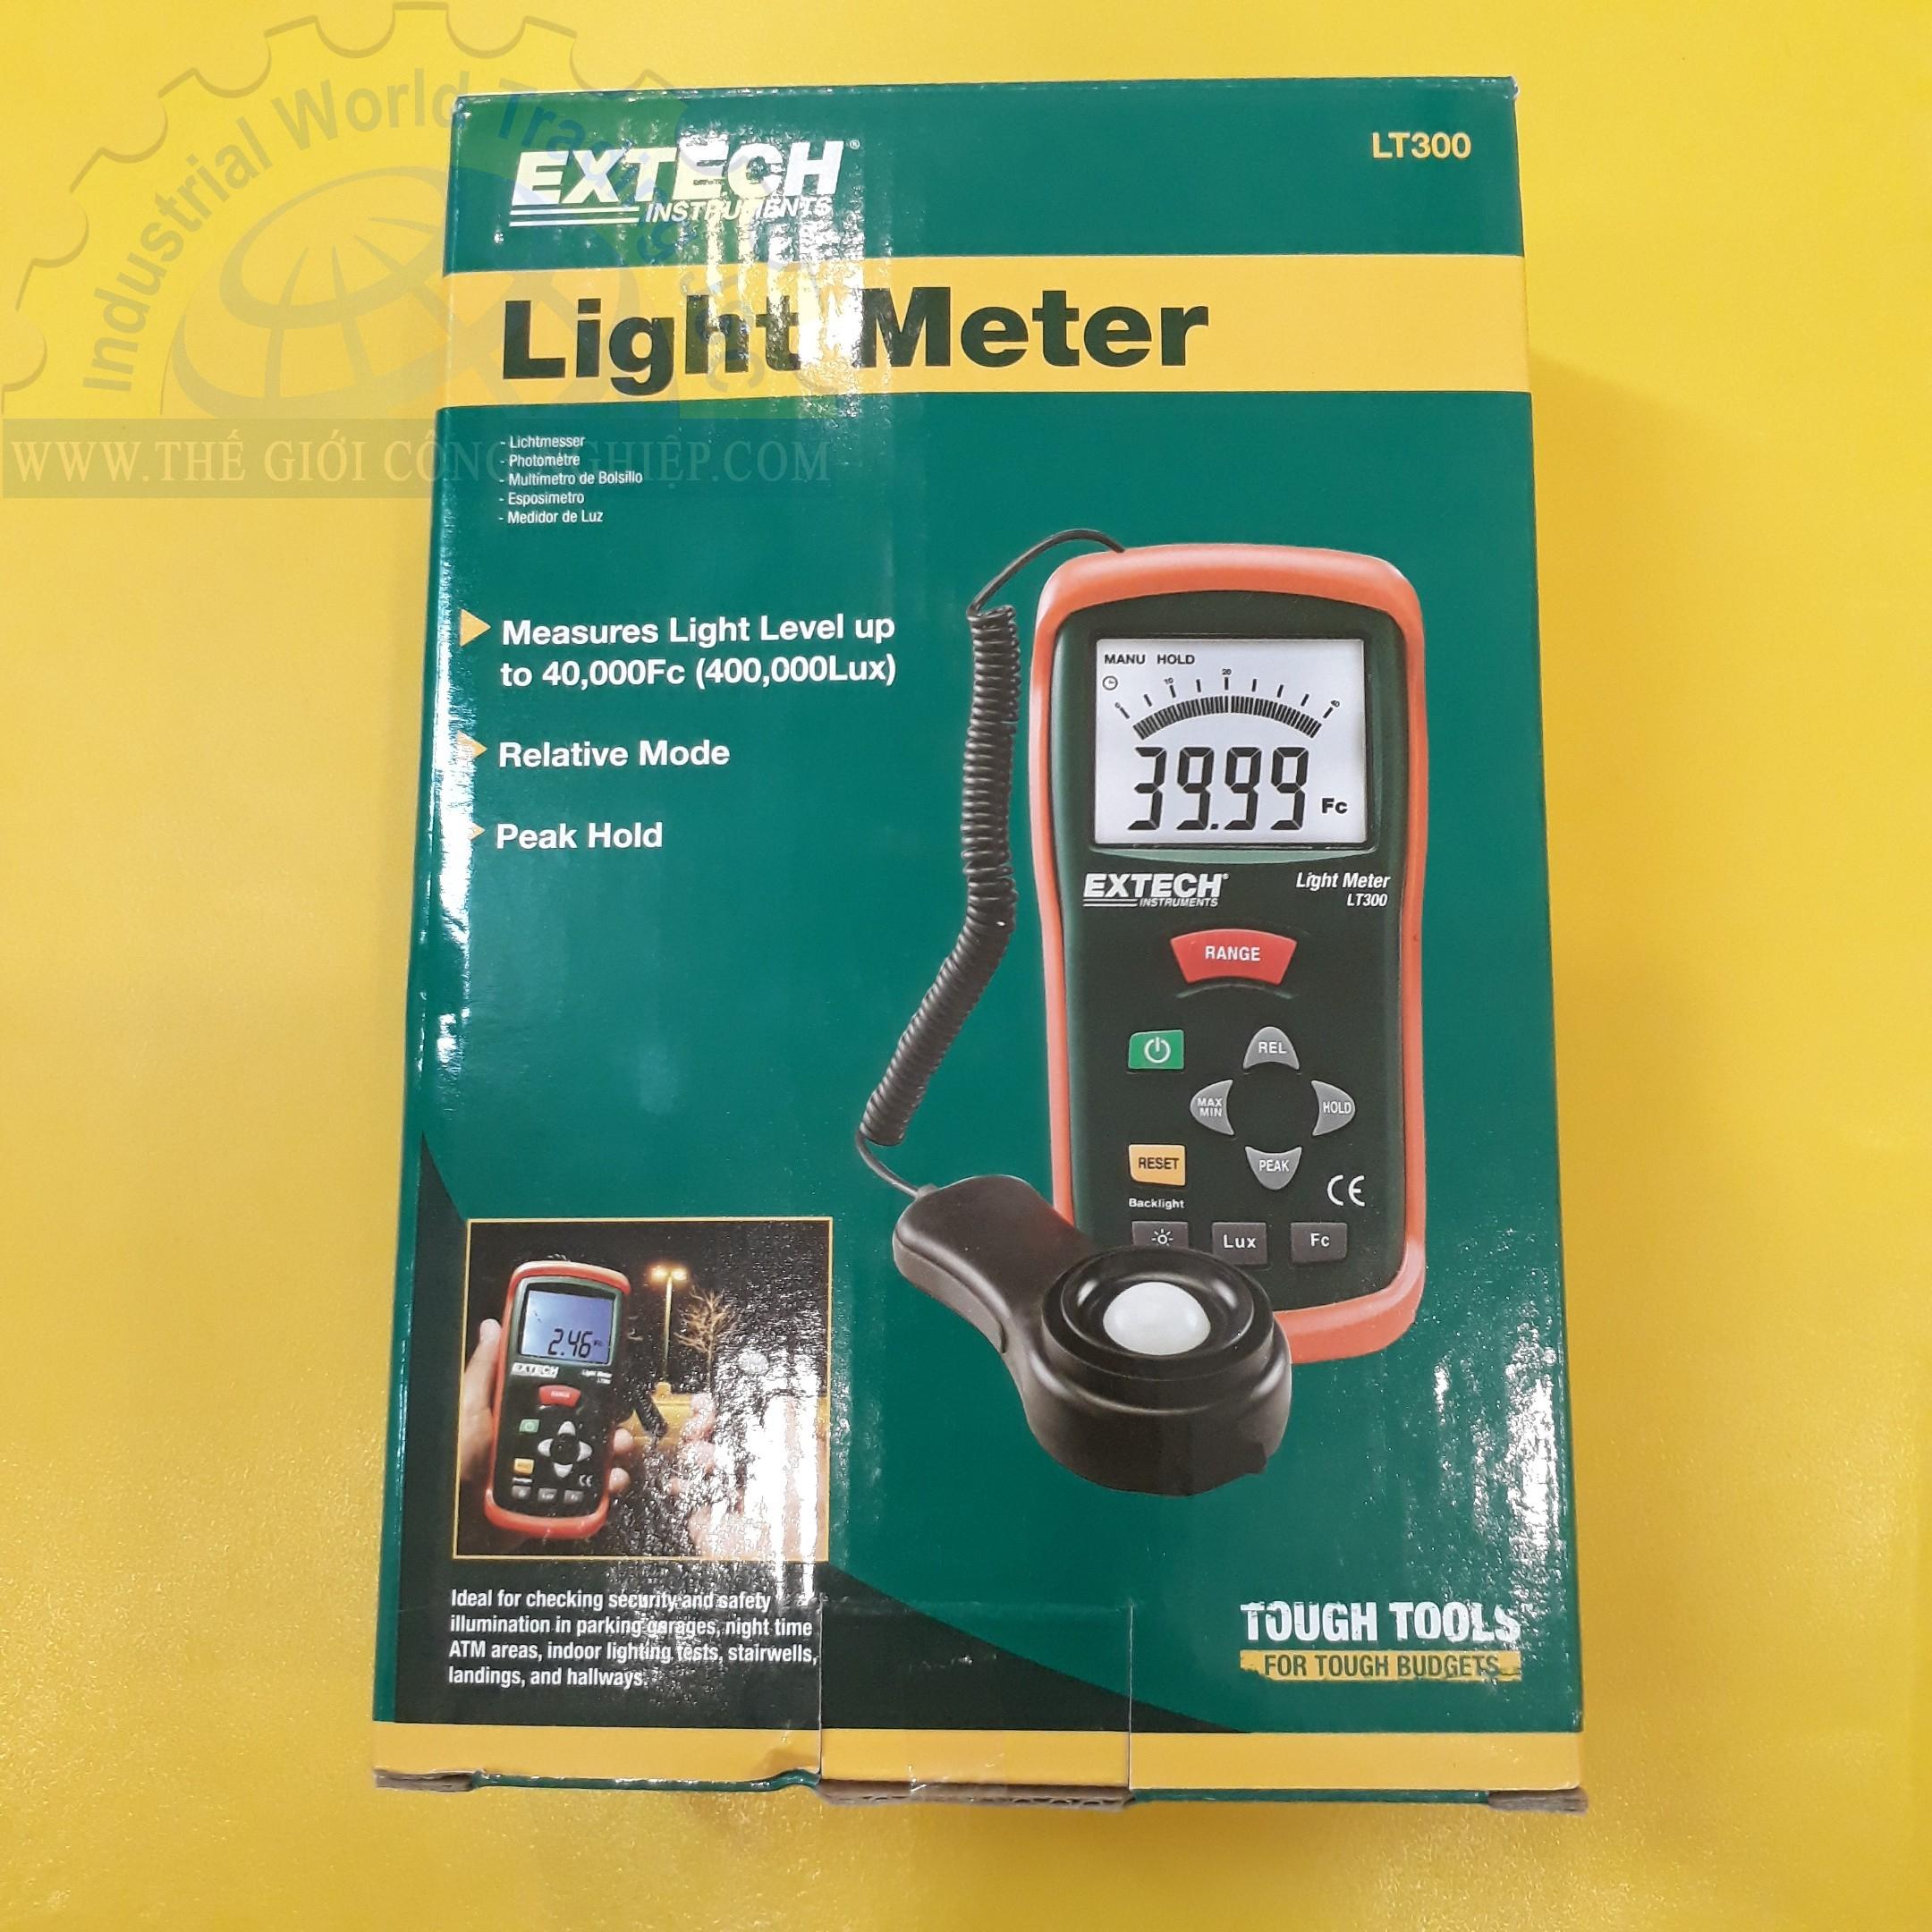 Máy đo cường độ ánh sáng 0-400,000Lux  LT300 Extech